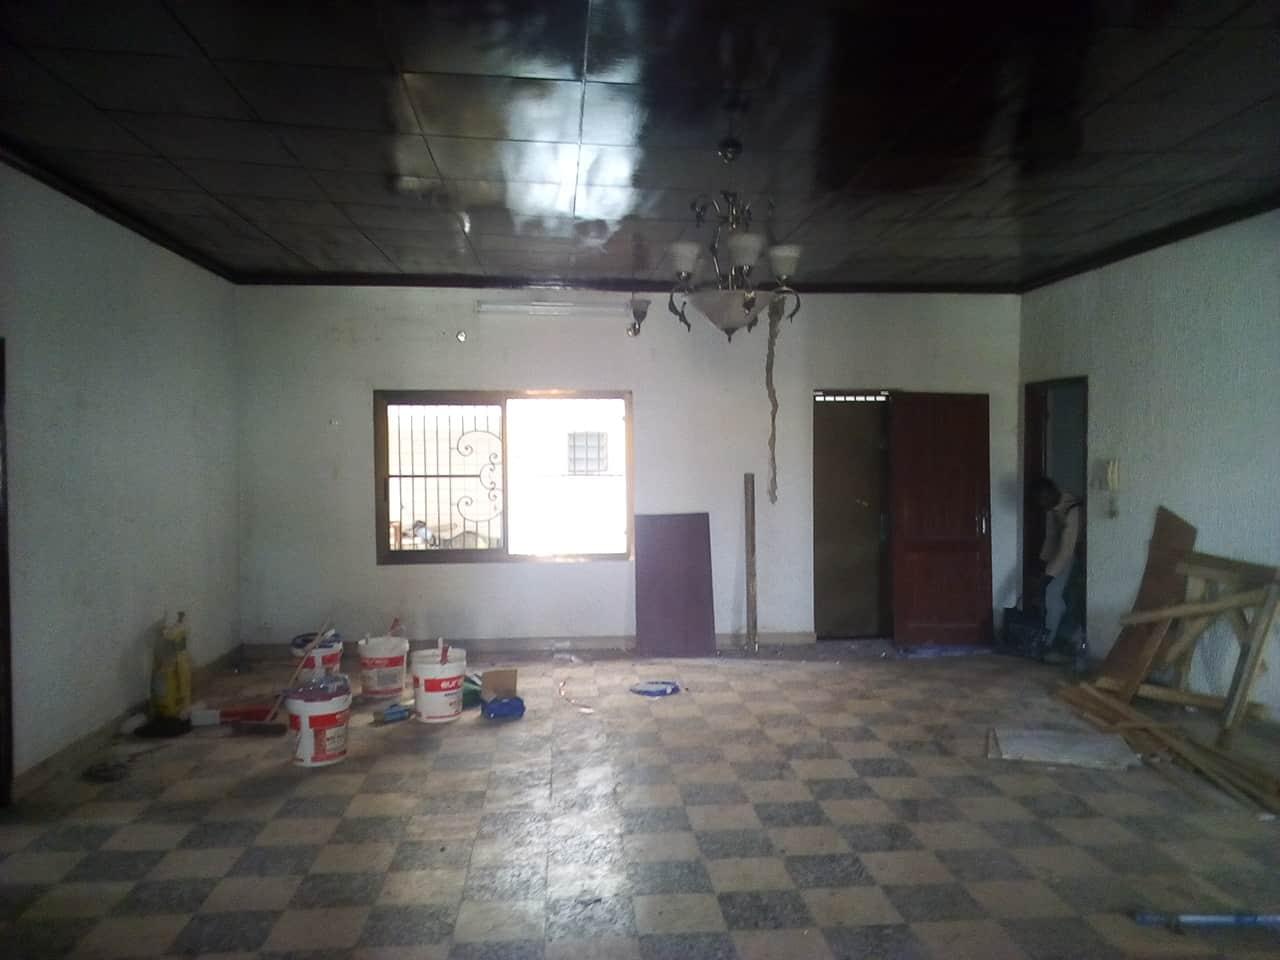 Maison (Villa) à louer - Yaoundé, Bastos, pas loin de mtn - 1 salon(s), 3 chambre(s), 2 salle(s) de bains - 1 000 000 FCFA / mois